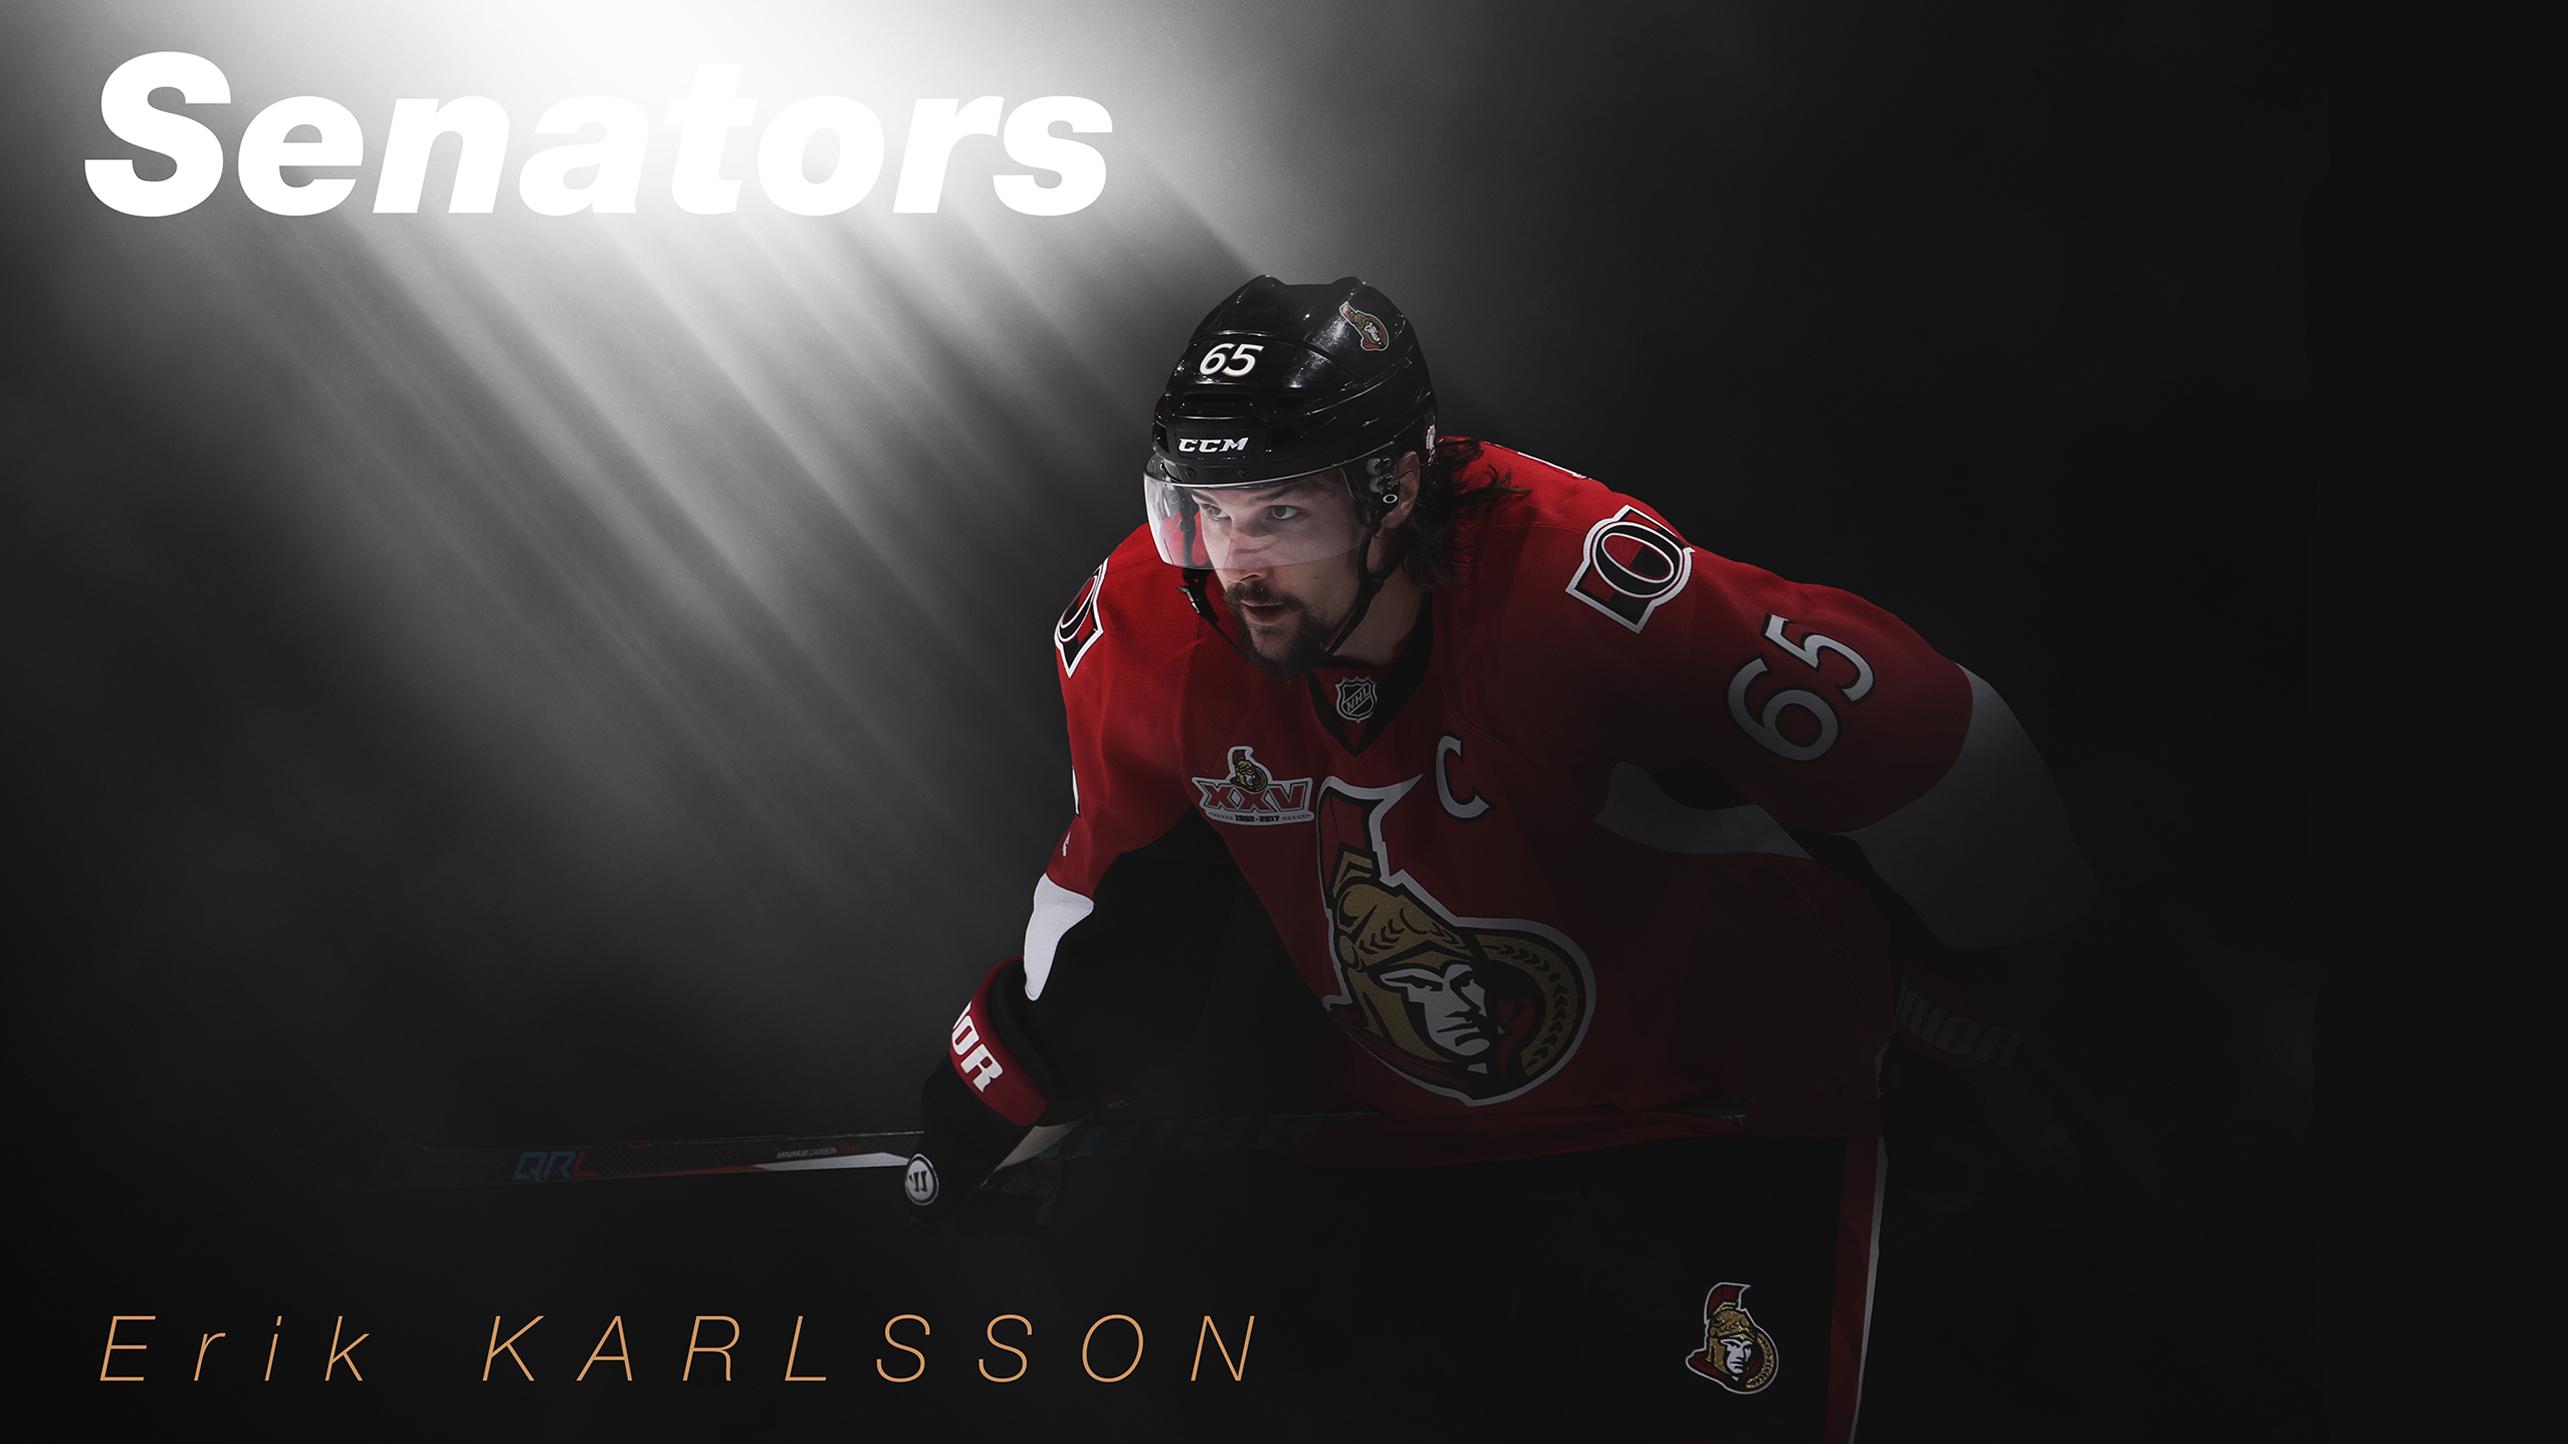 Wallpapers and backgrounds Ottawa Senators 2568x1444